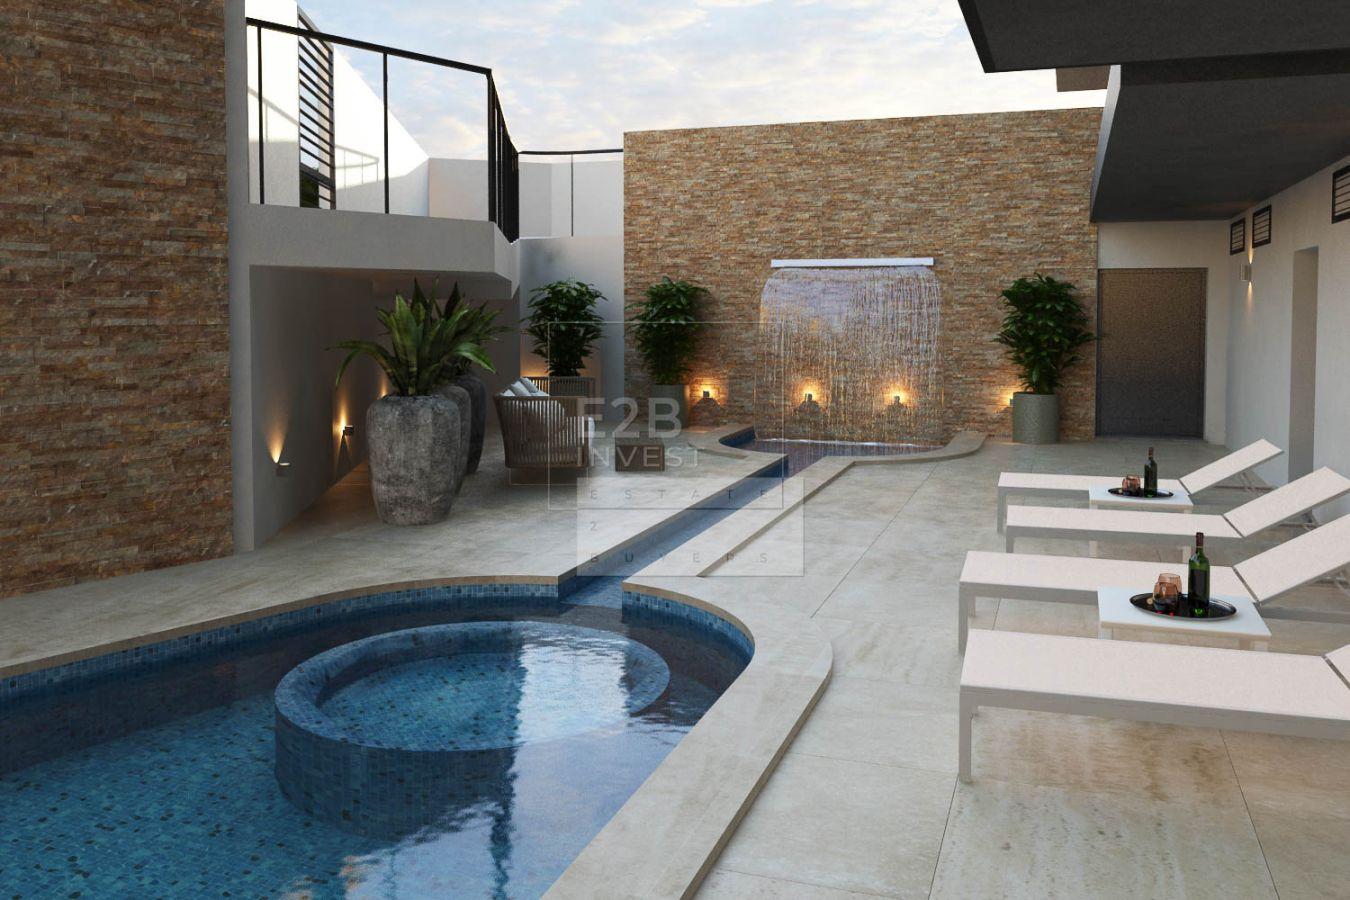 E2B-Invest-appartement-PATA00010-09